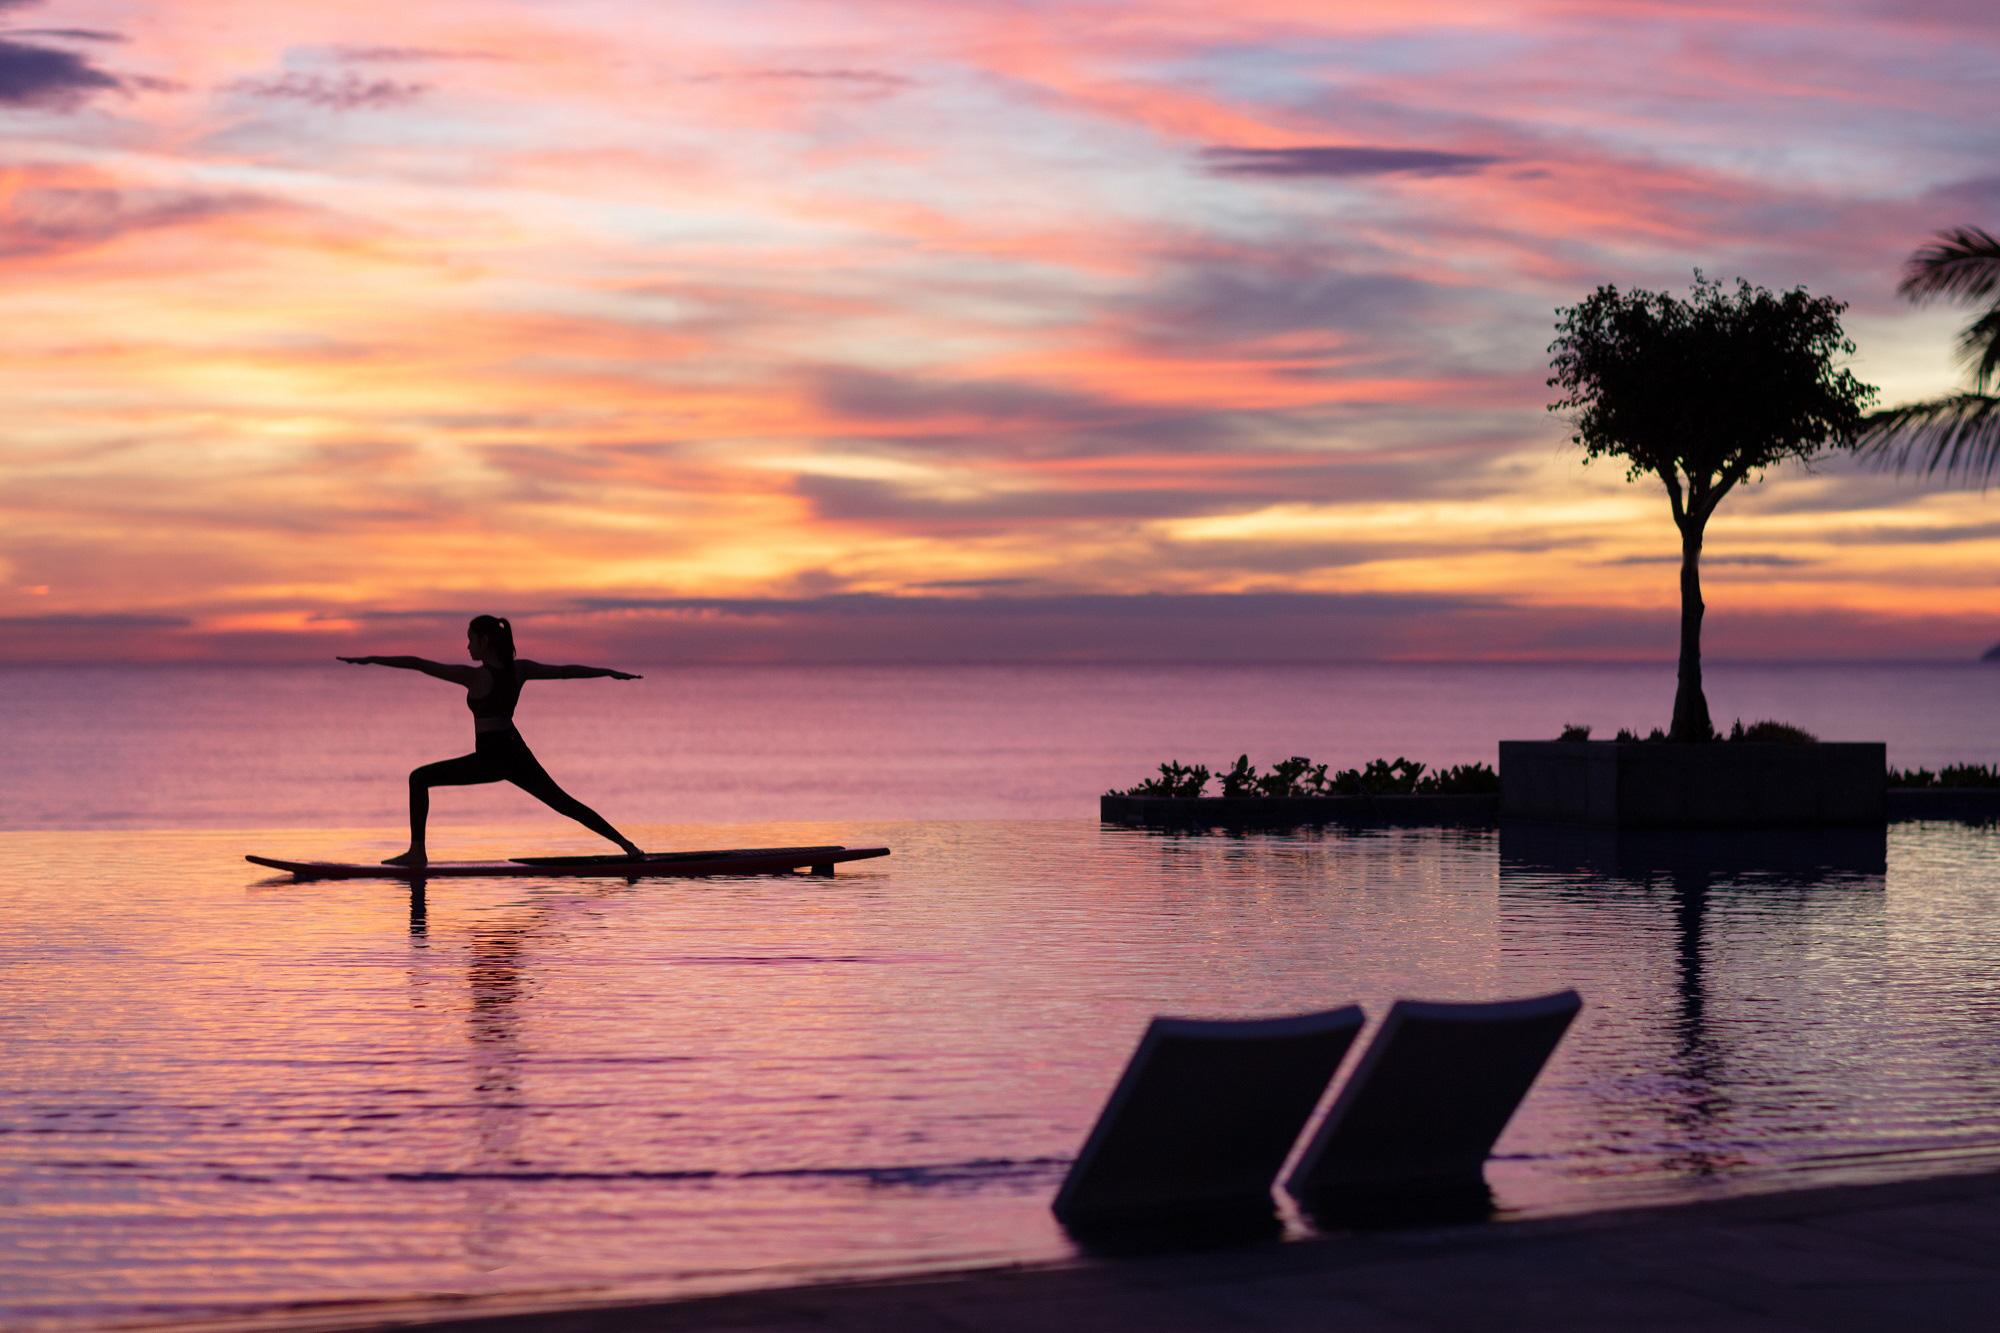 Marriott ban 7 điều ước cho du khách giúp biến ước mơ thành hiện thực tại Việt Nam - Ảnh 1.